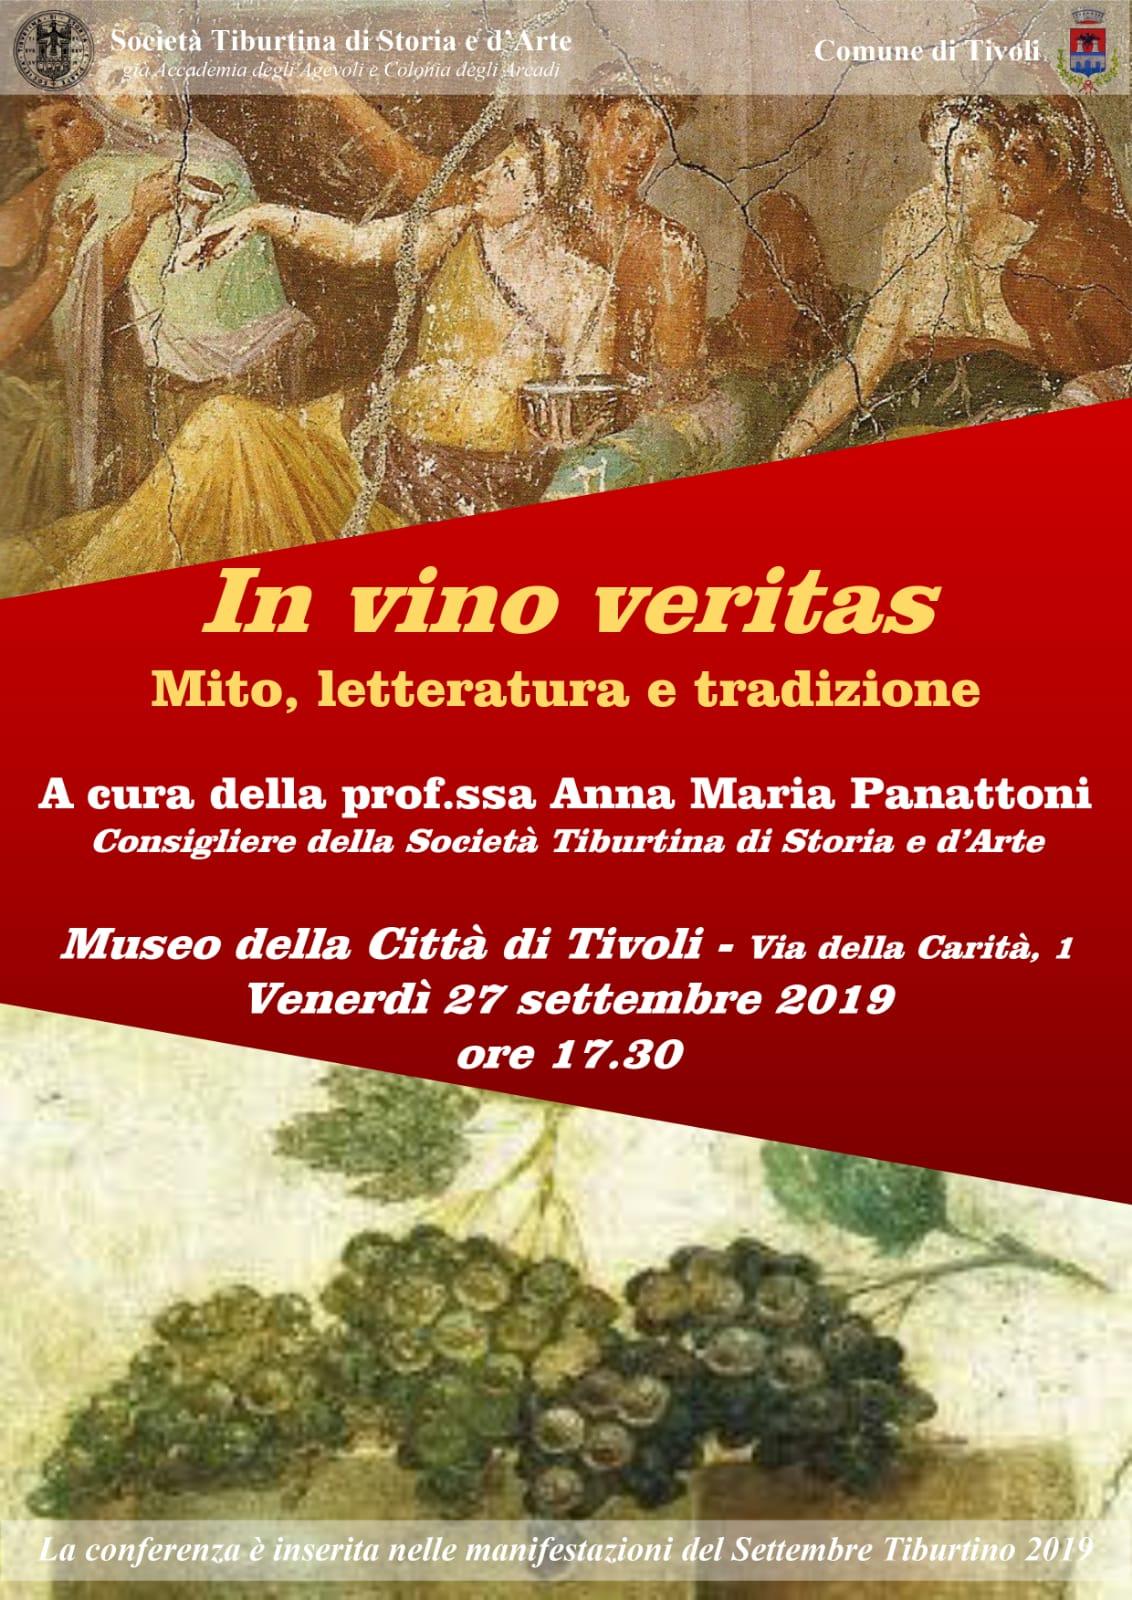 In_vino_veritas_27_settembre_2019